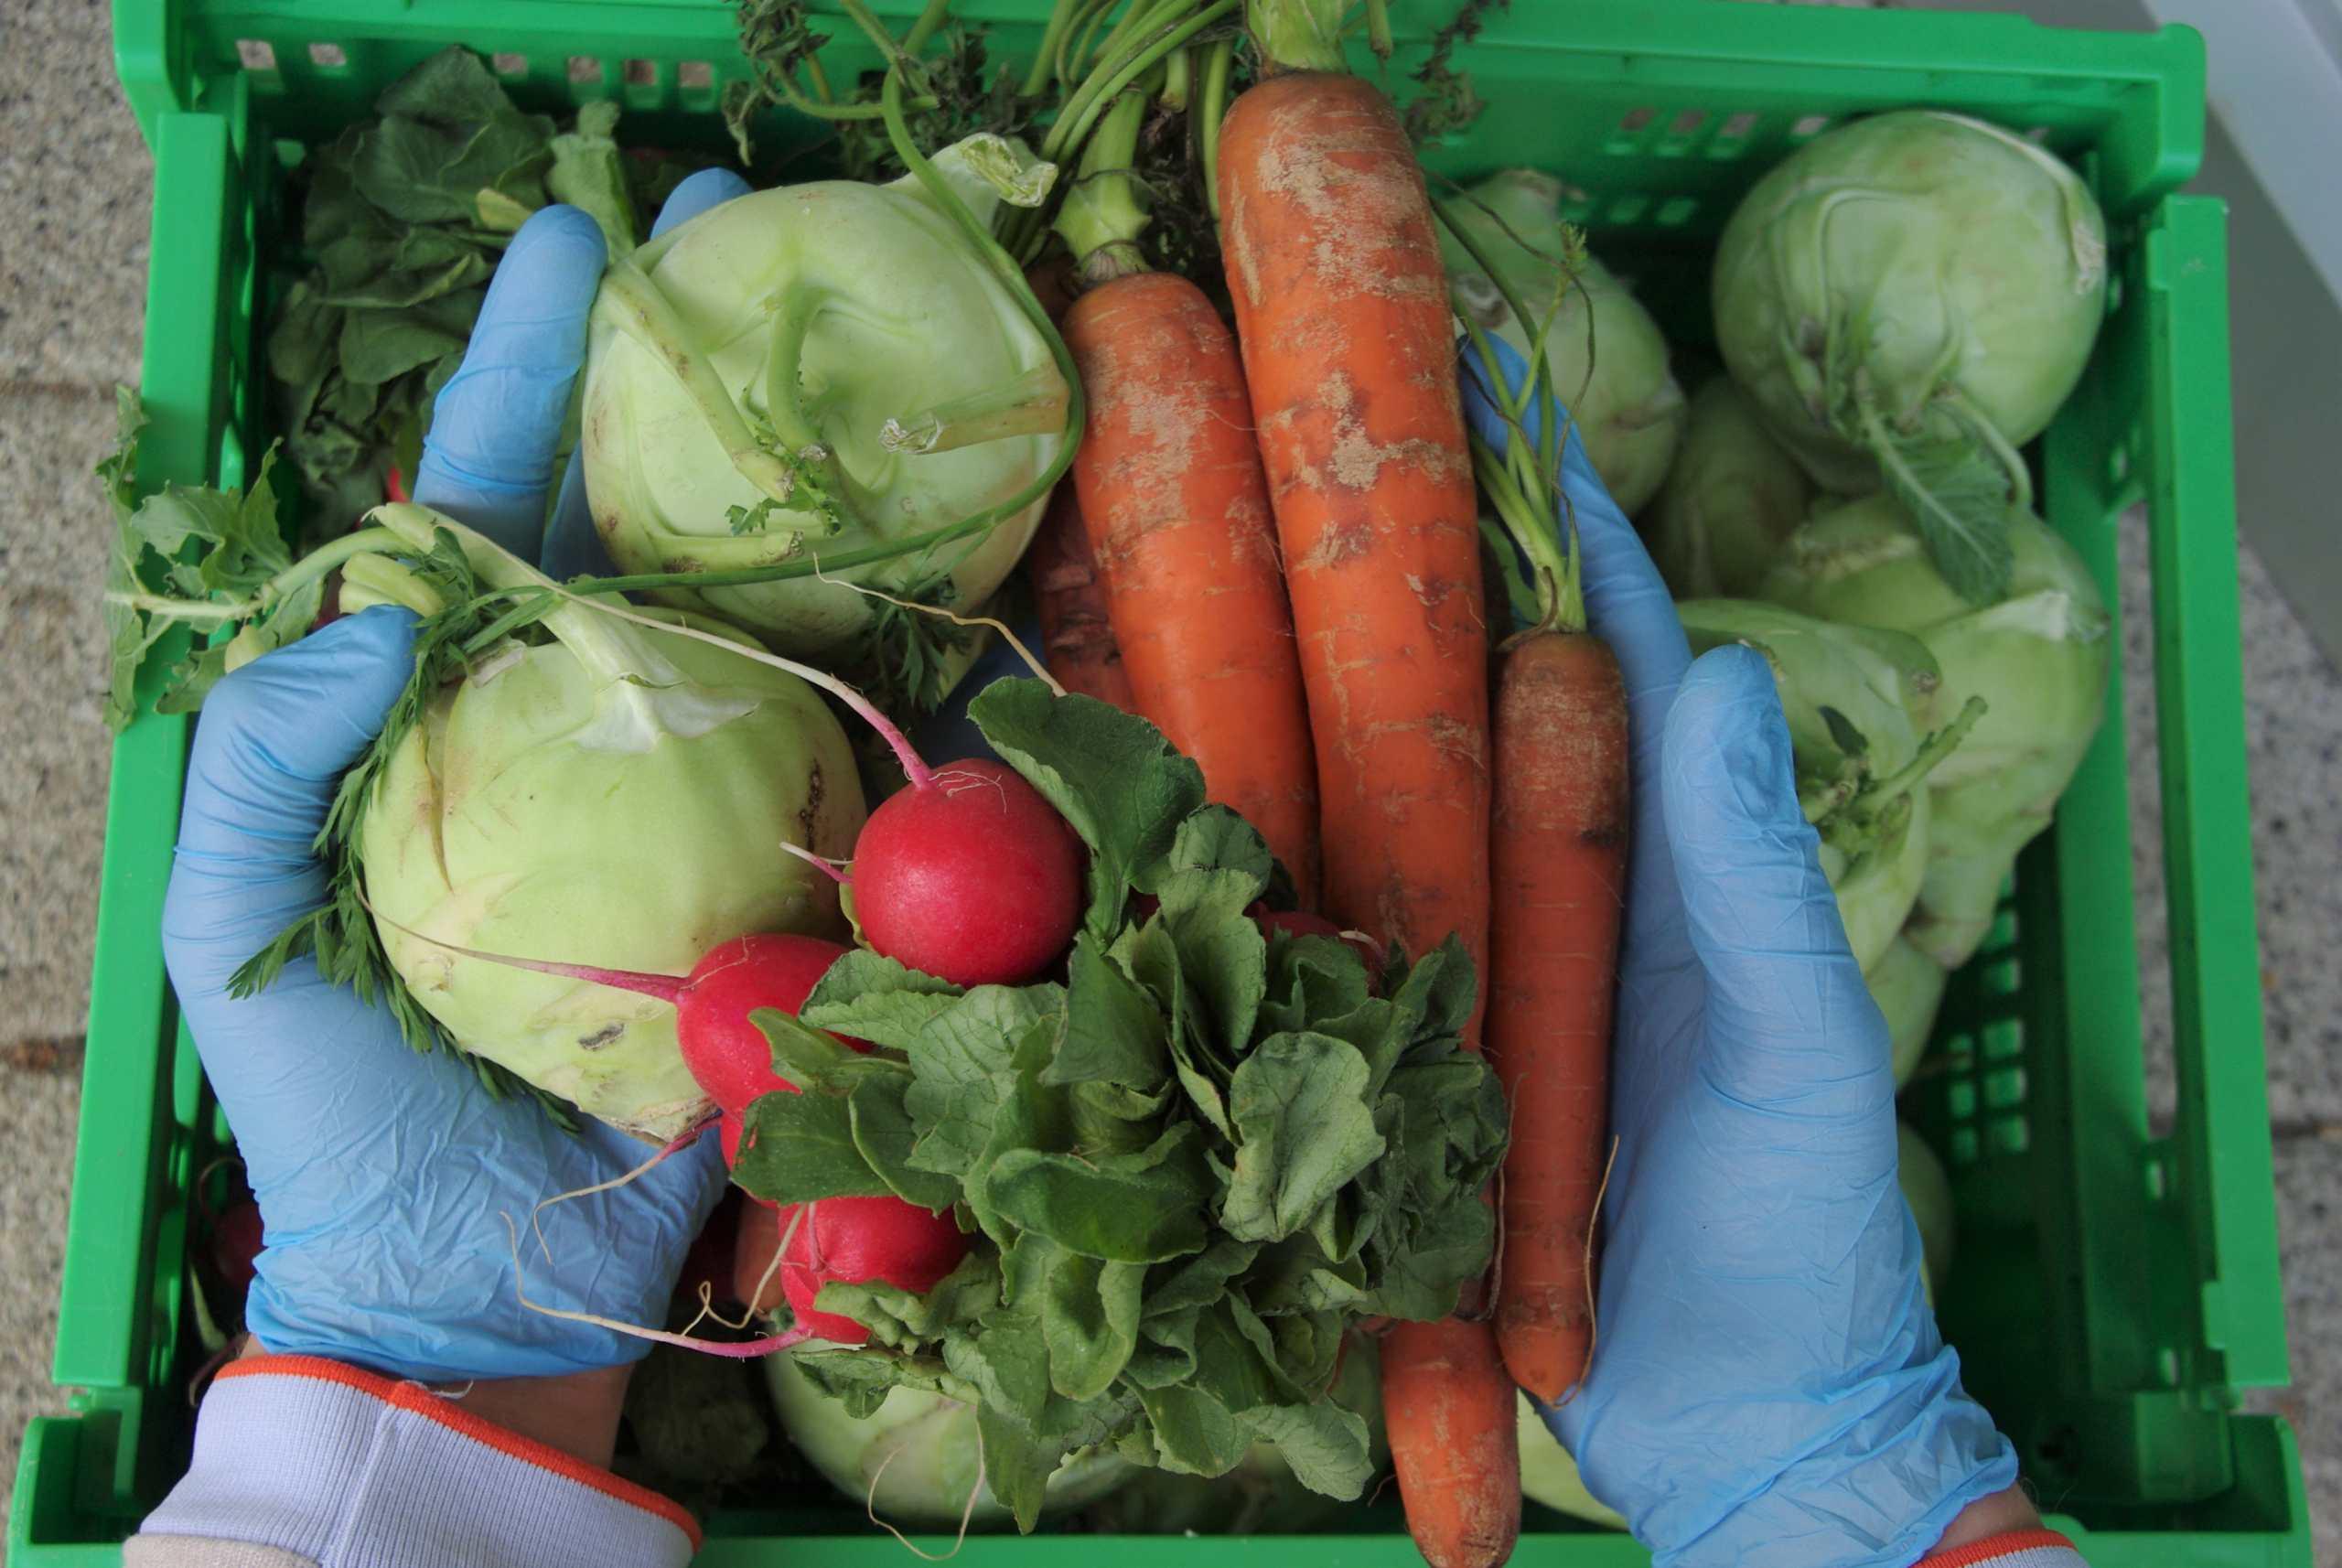 Hände in Gummihandschuhen heben Gemüse aus Korb